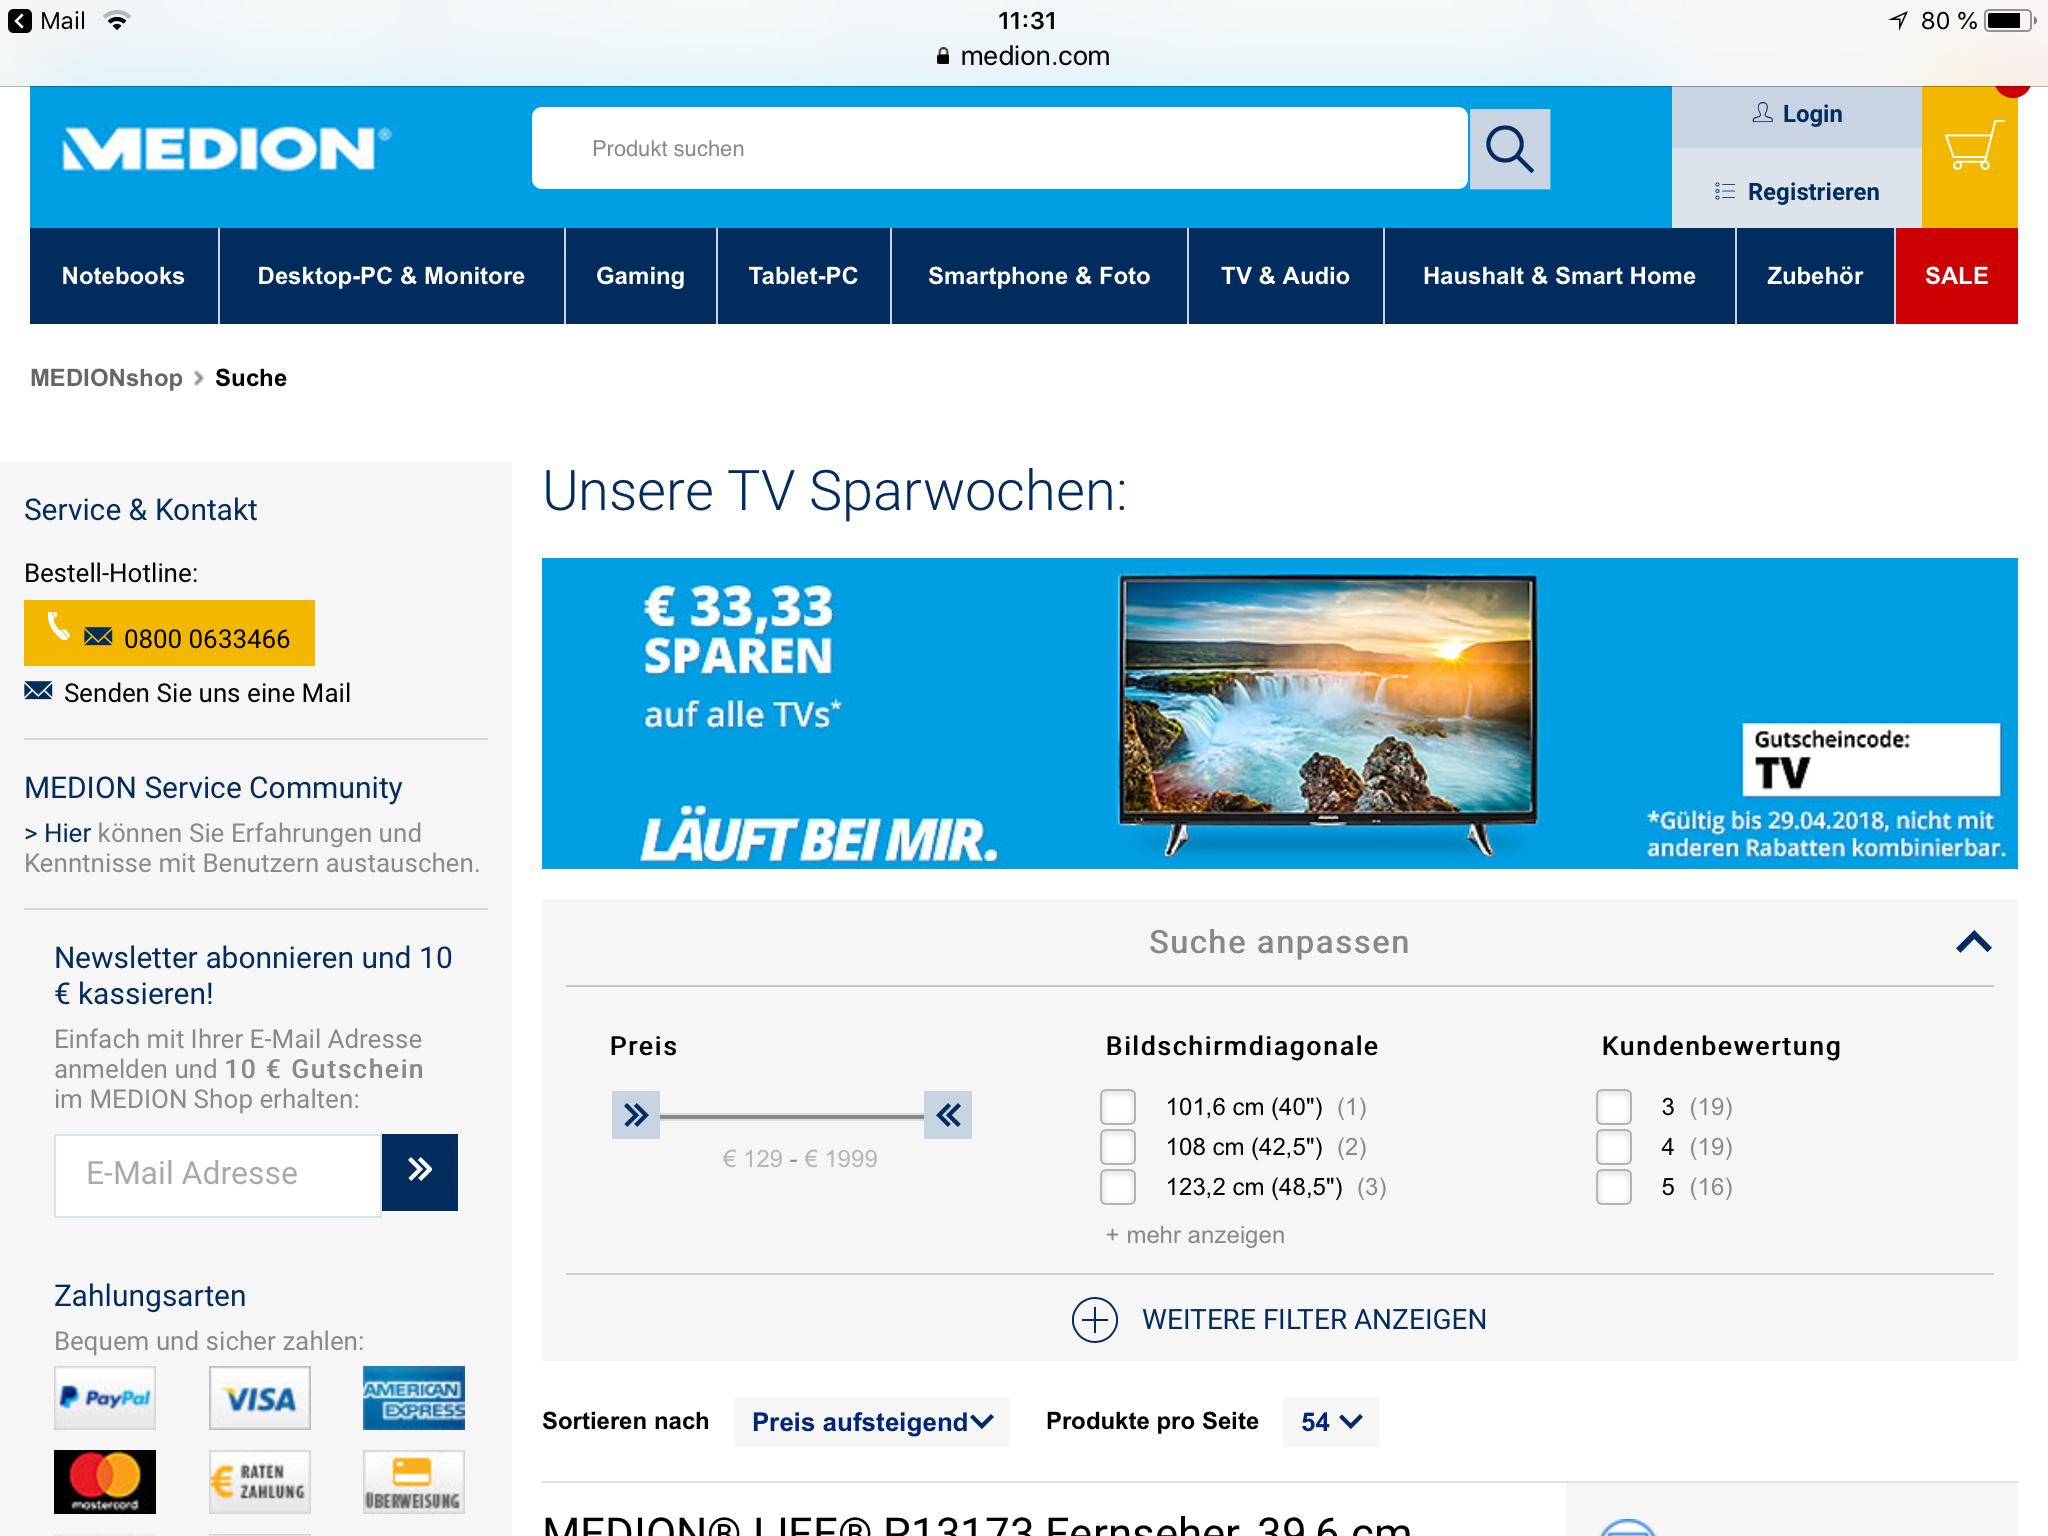 (Medion) Nachlass von € 33,33 auf TV-Geräte